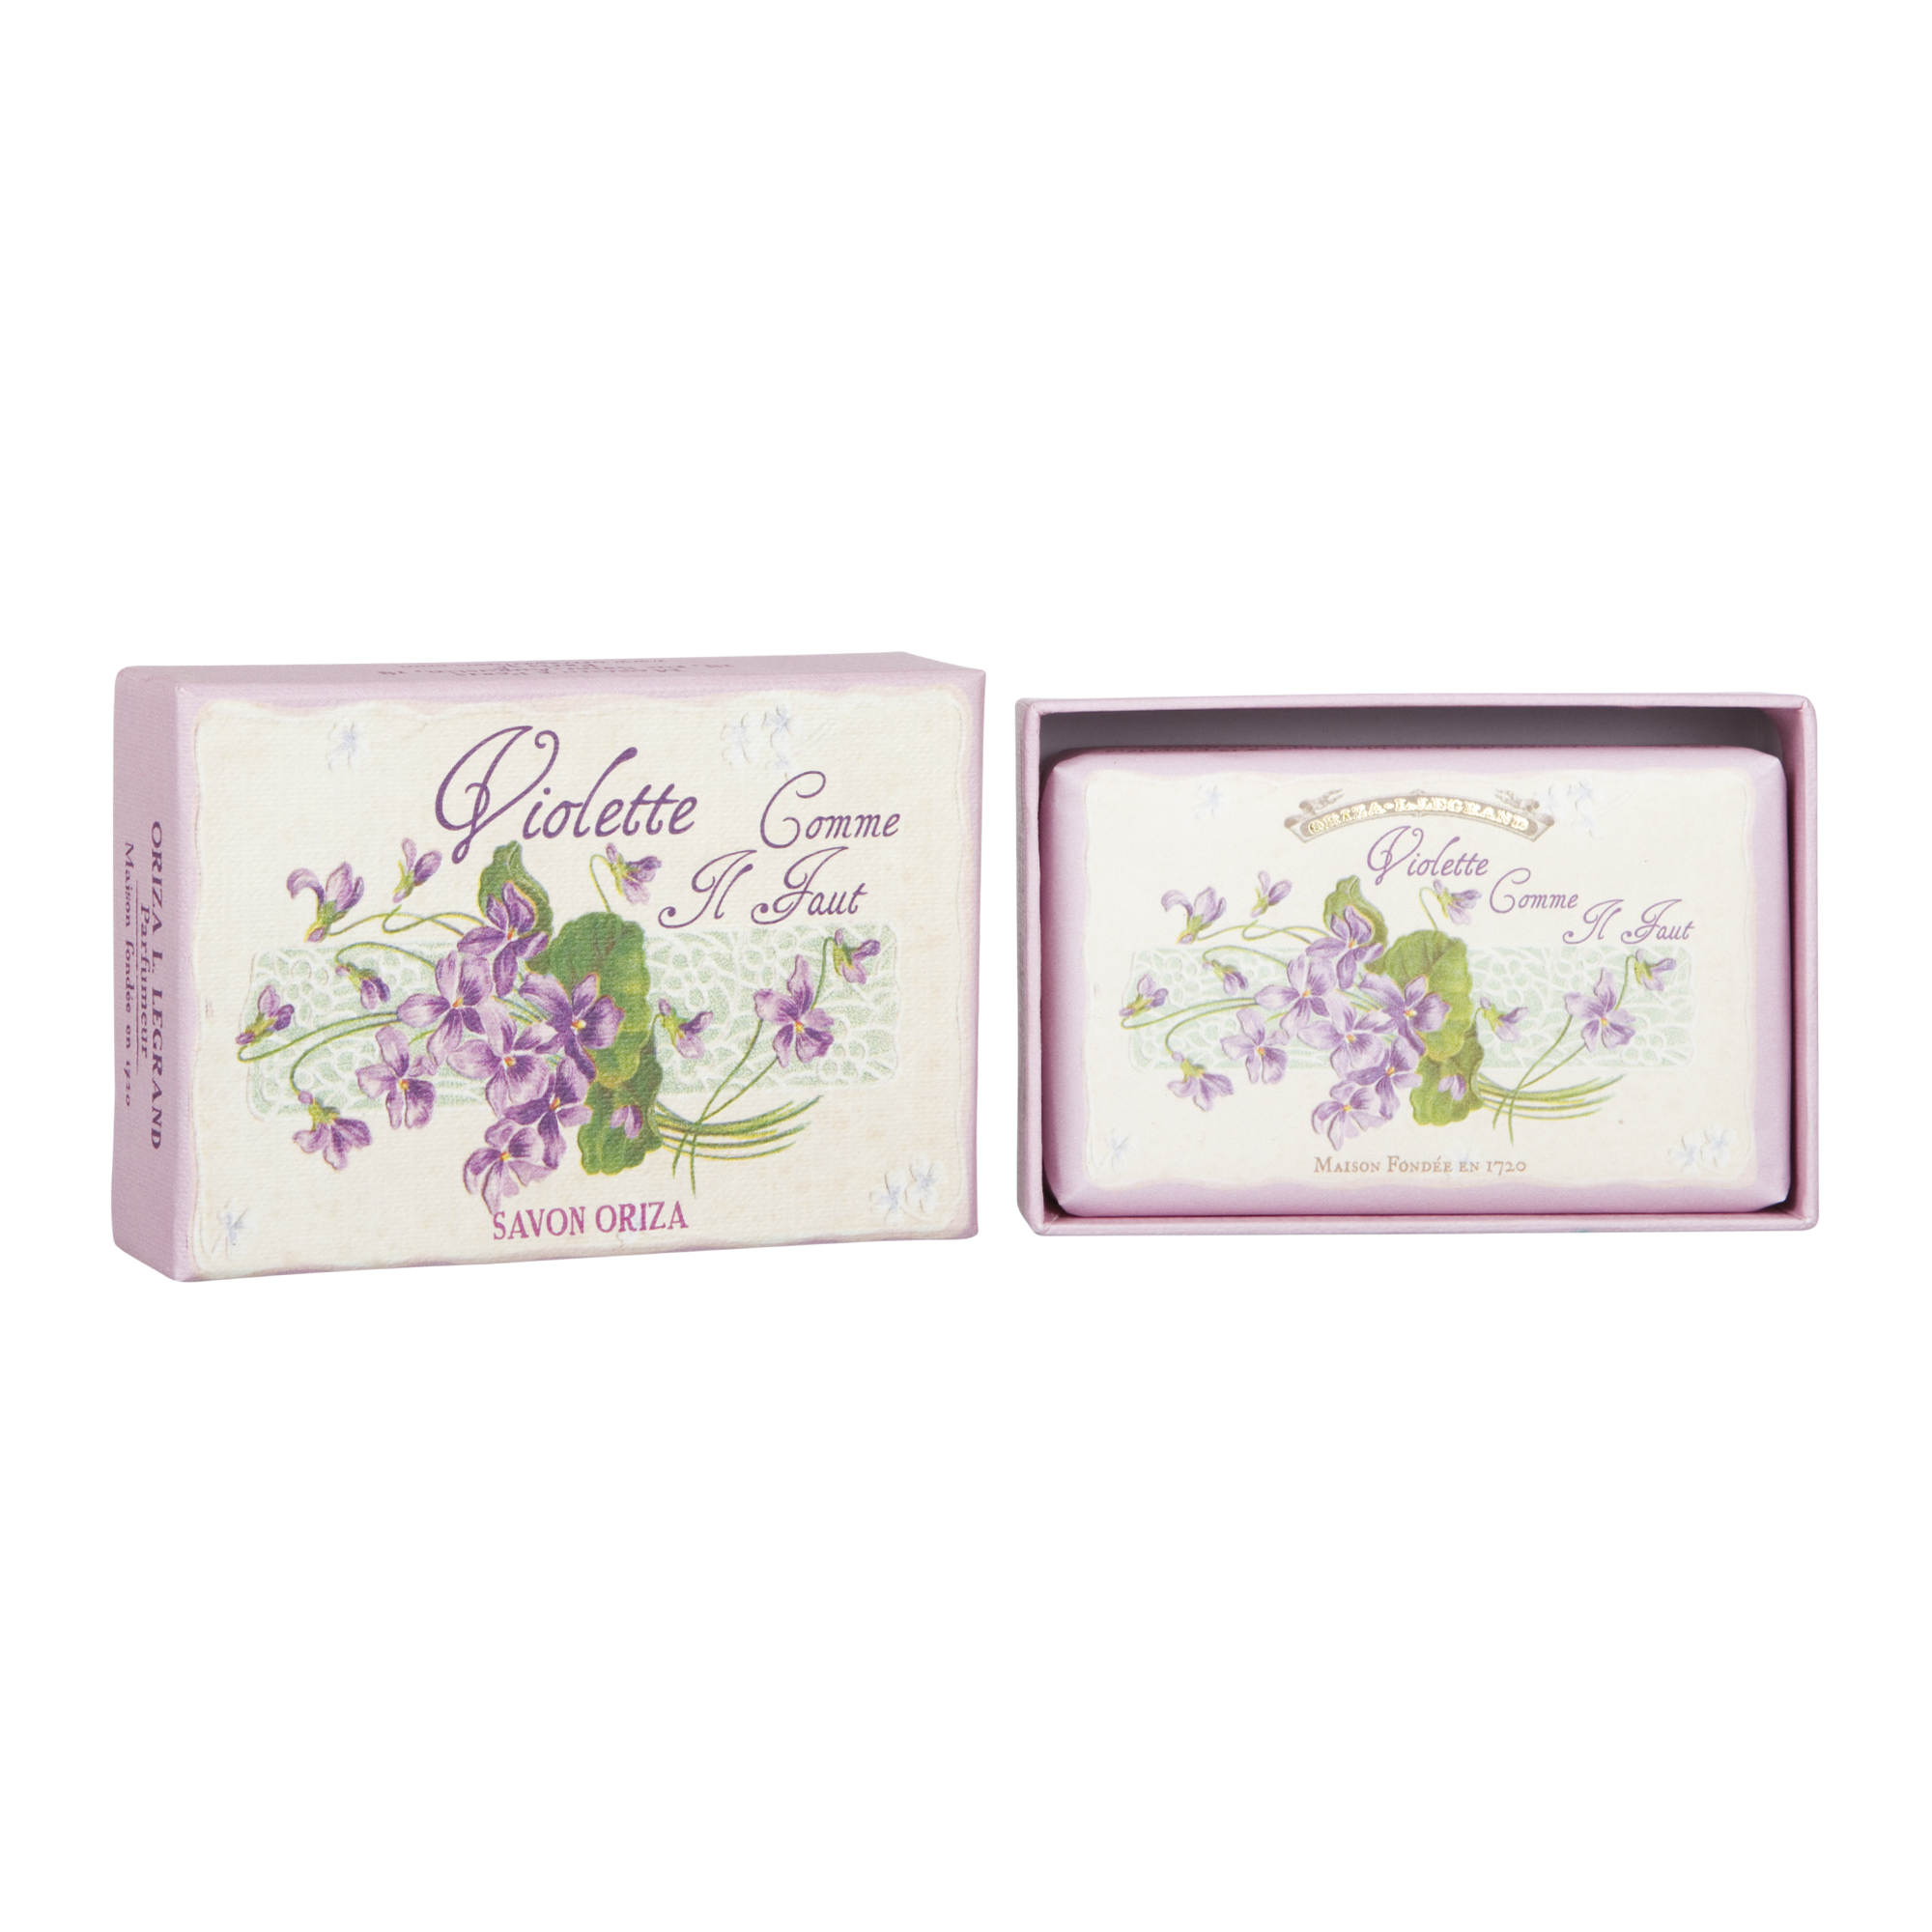 ORIZA L.LEGRAND Violette Comme Il Faut Soap 125 g